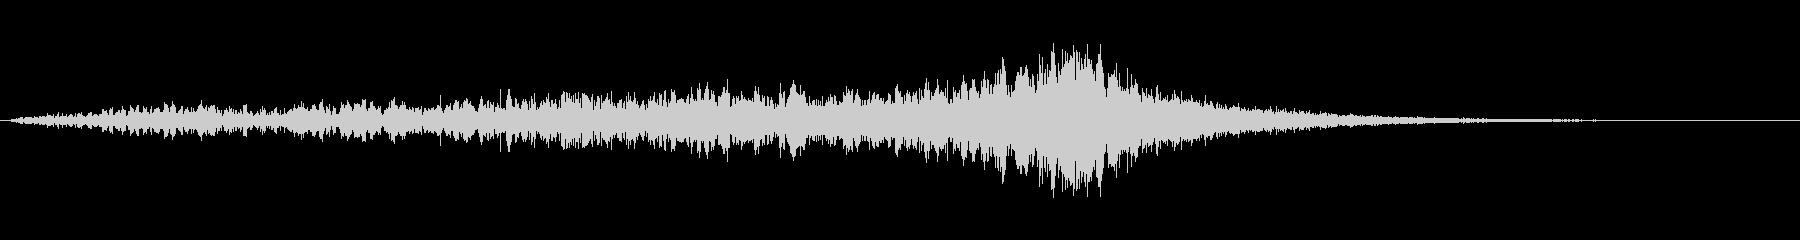 ホラー系効果音14の未再生の波形